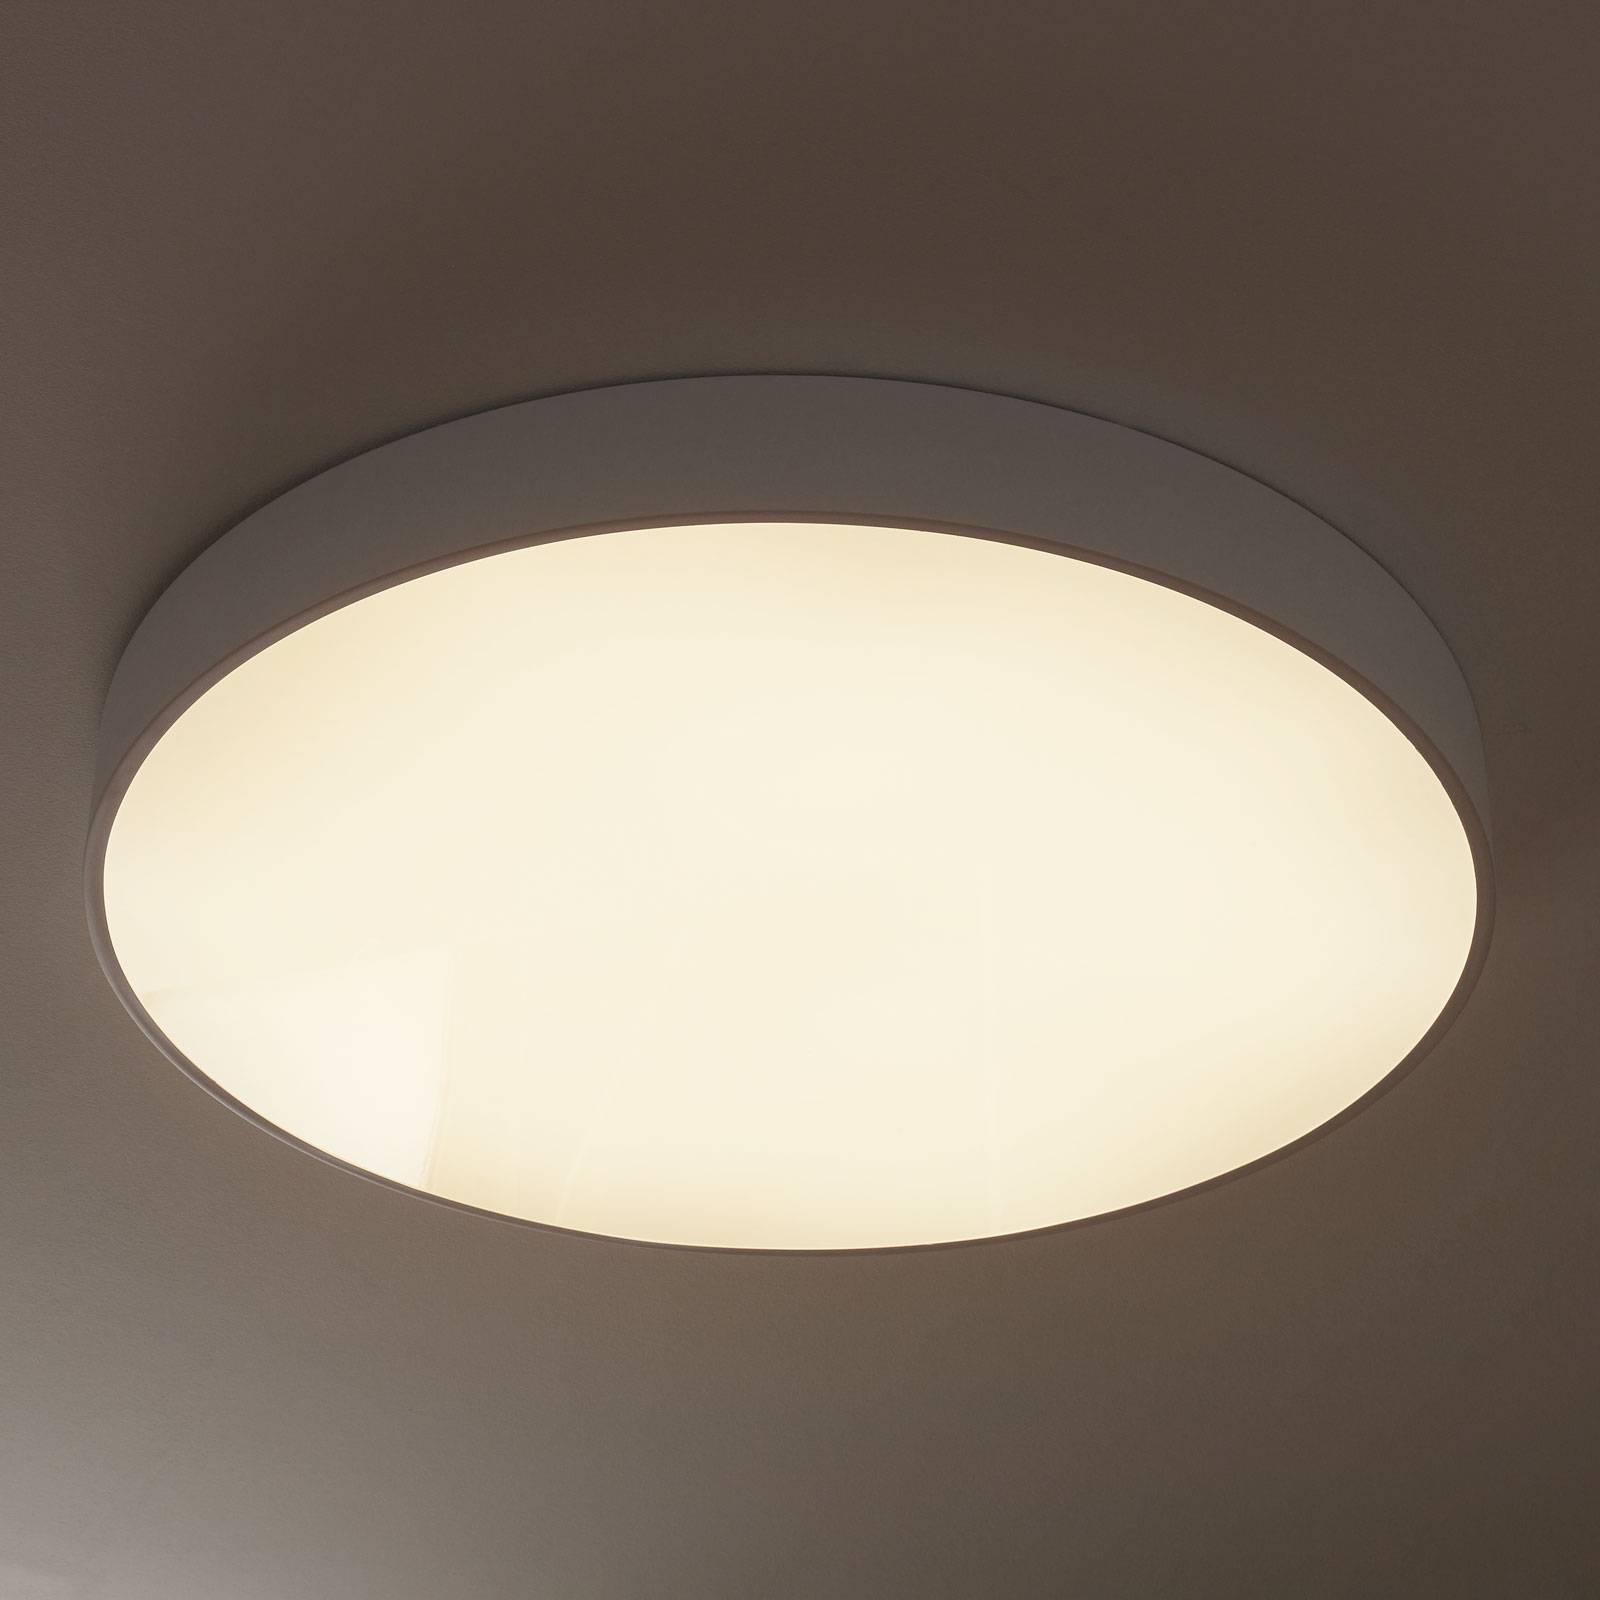 Bilde av Isia - Dimbart Led-taklampe, Ø 100 Cm